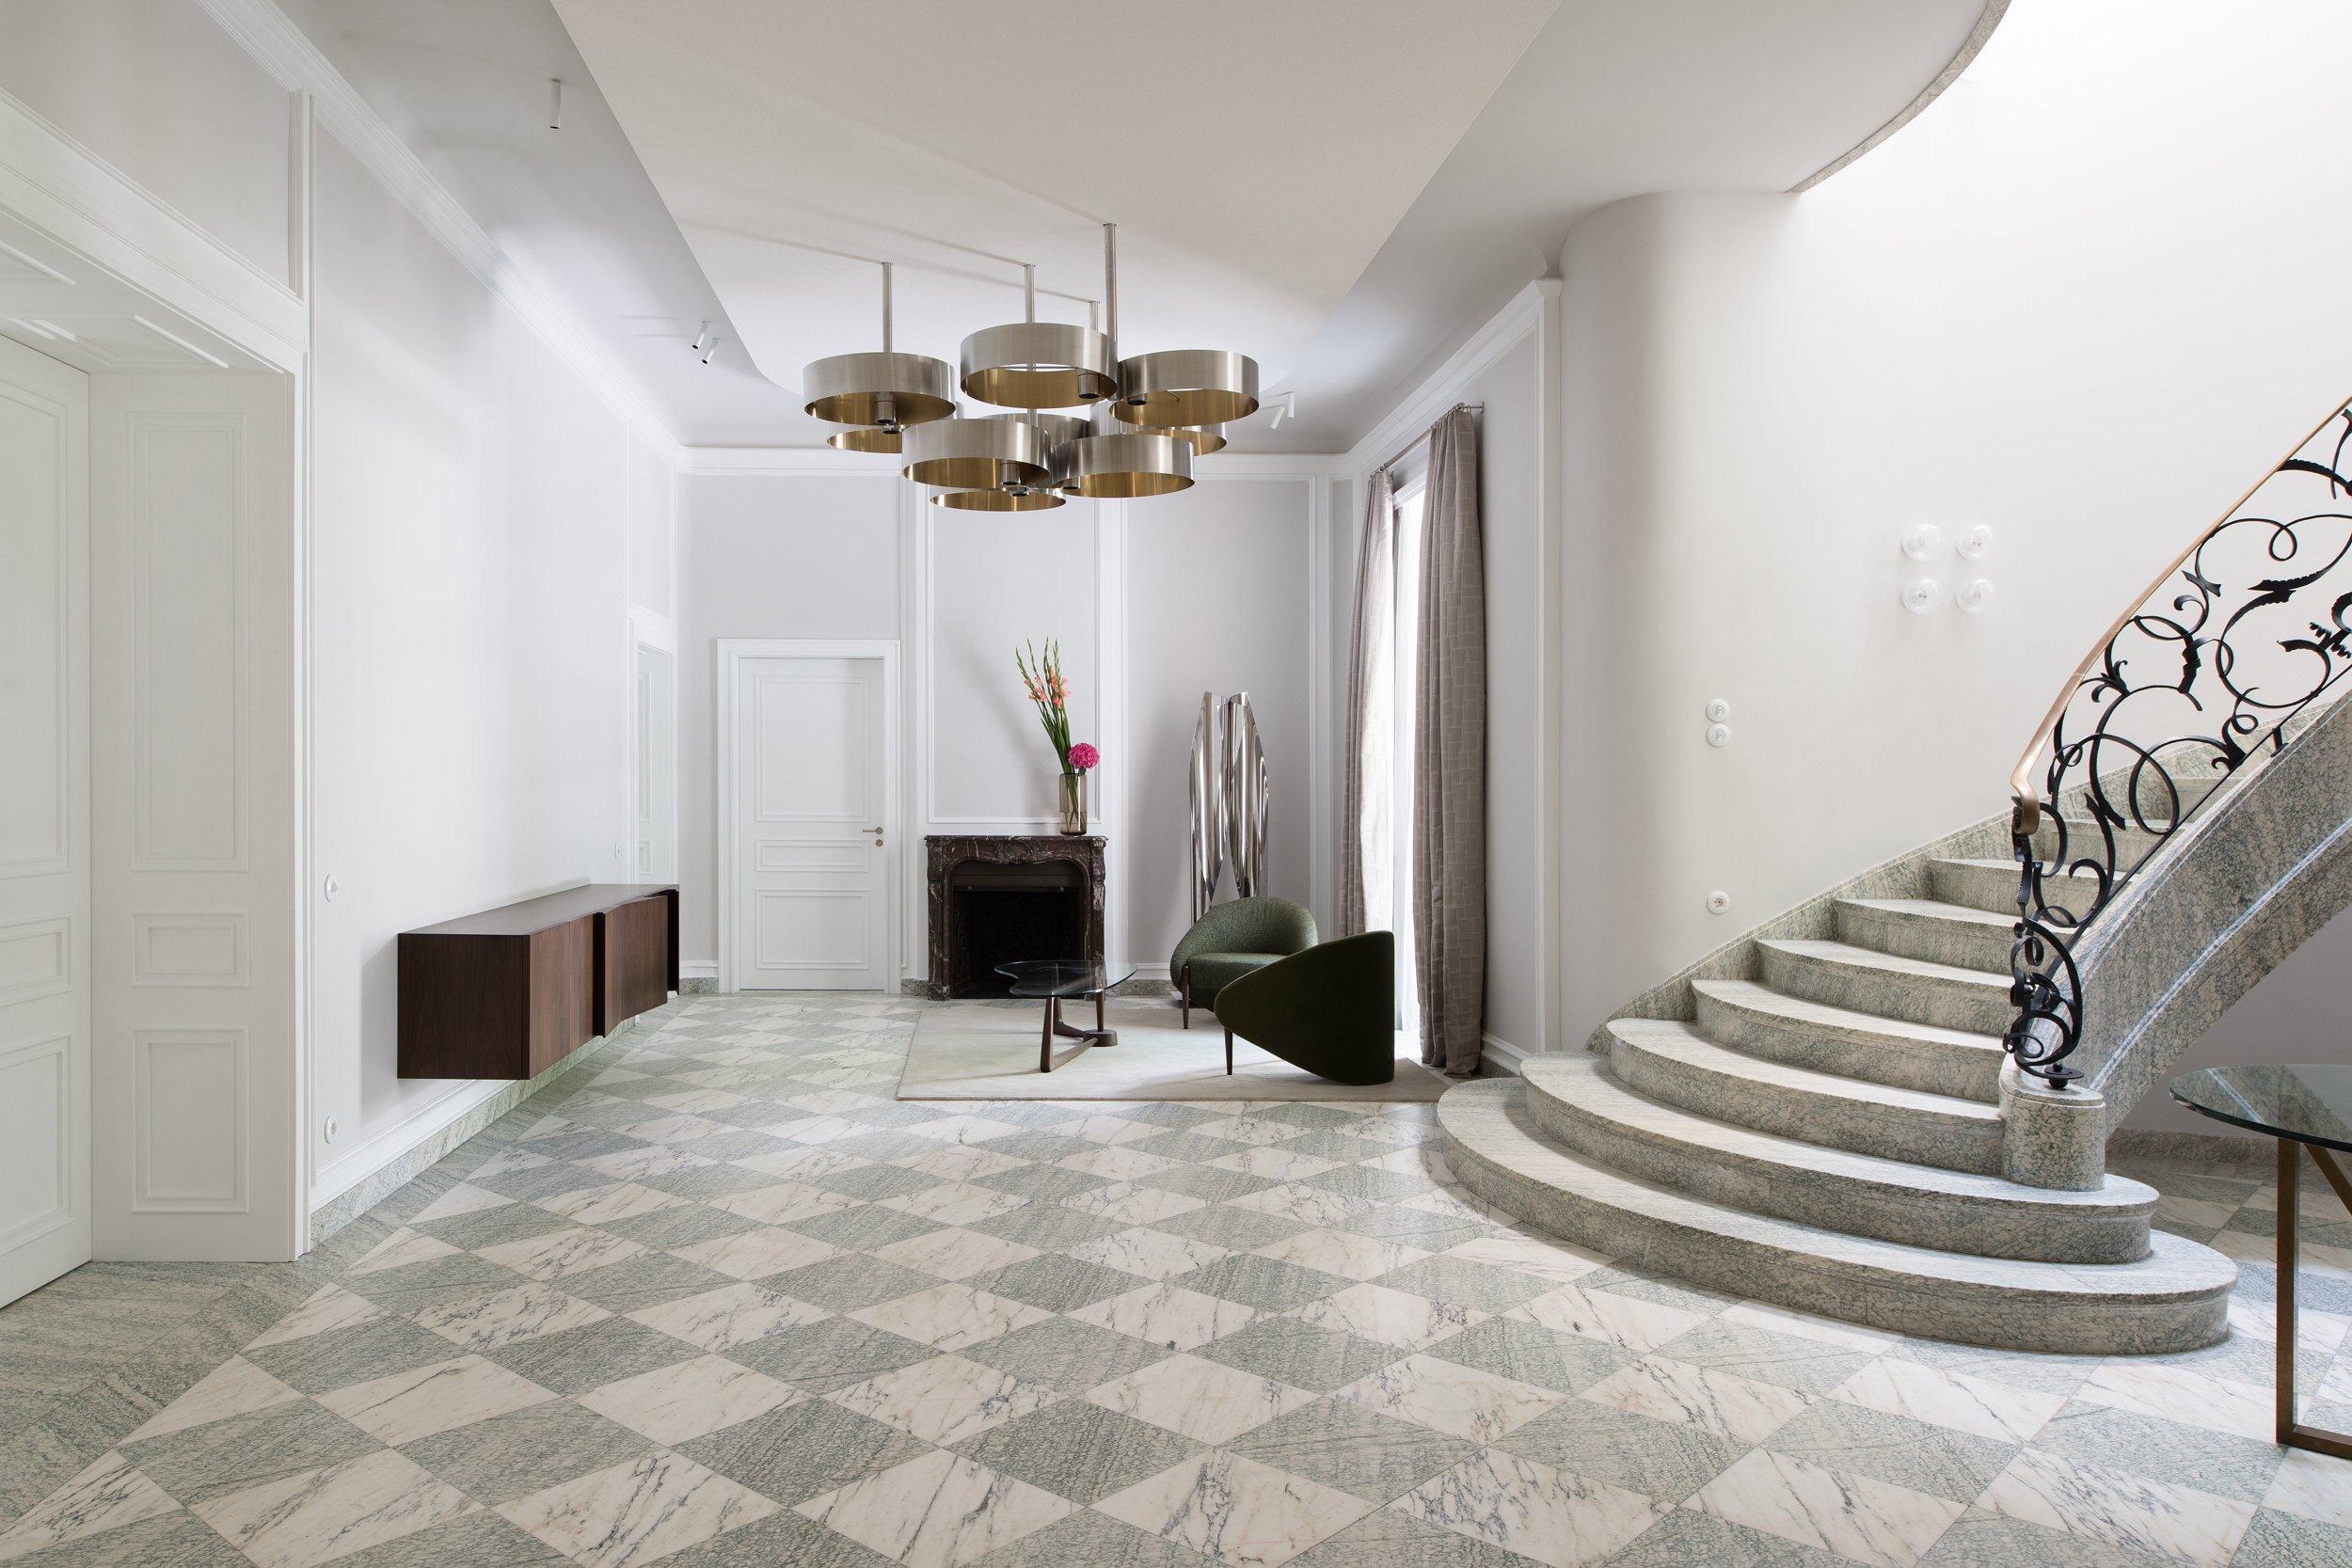 Viele Originalelemente wie der im Schachbrettmuster gelegte Marmorboden im Foyerund Treppenhaus sind erhalten geblieben und wurden saniert.